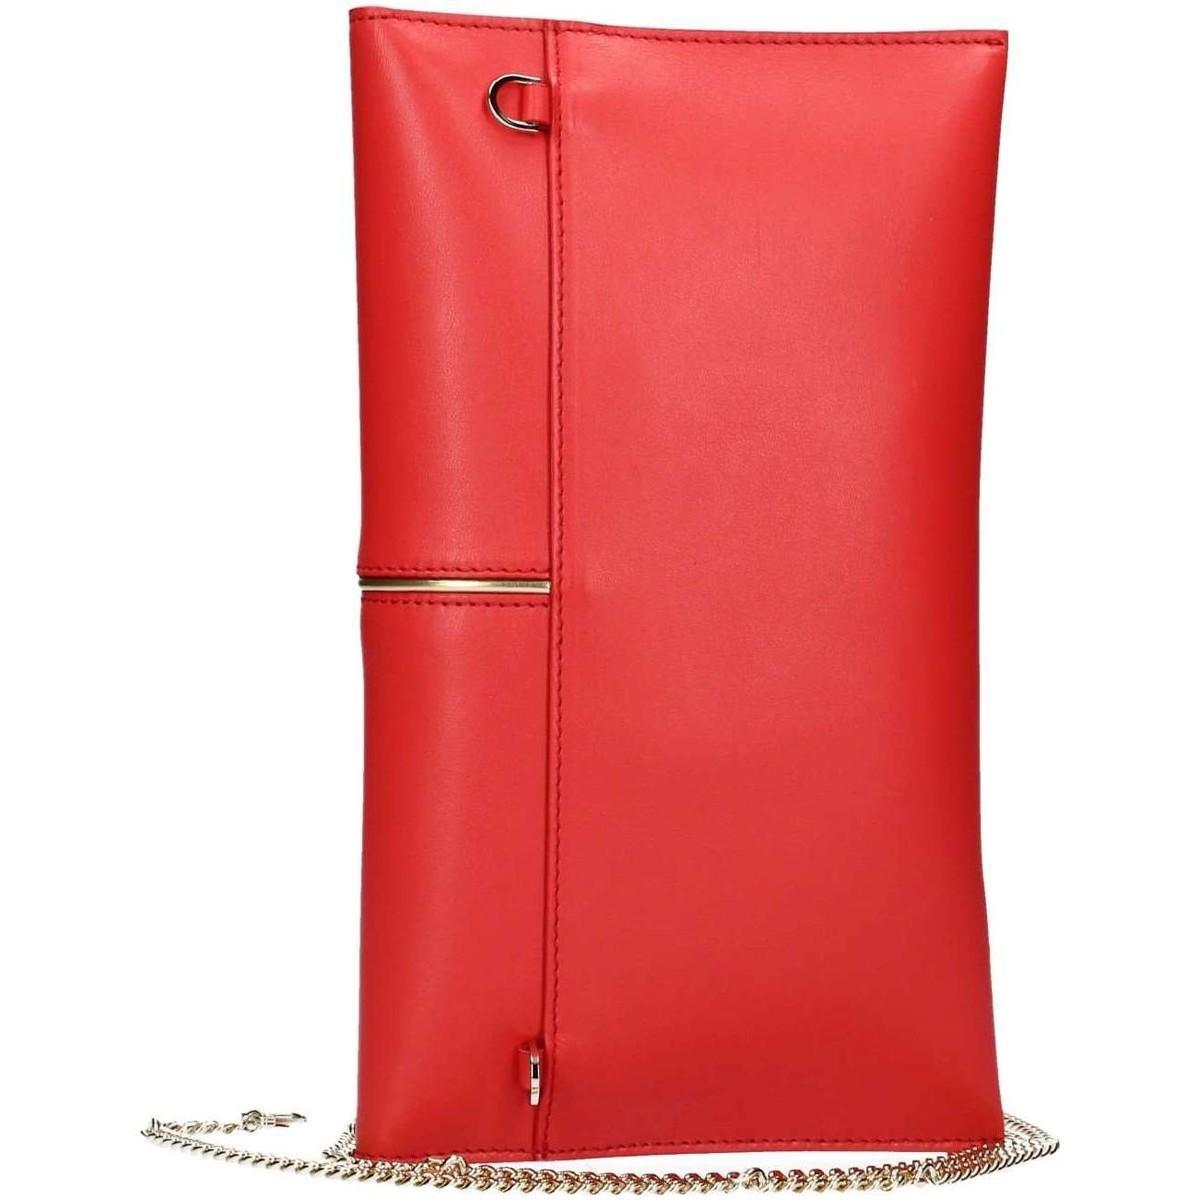 2V5460/I2OI Sac à main Patrizia Pepe en coloris Rouge OlmN